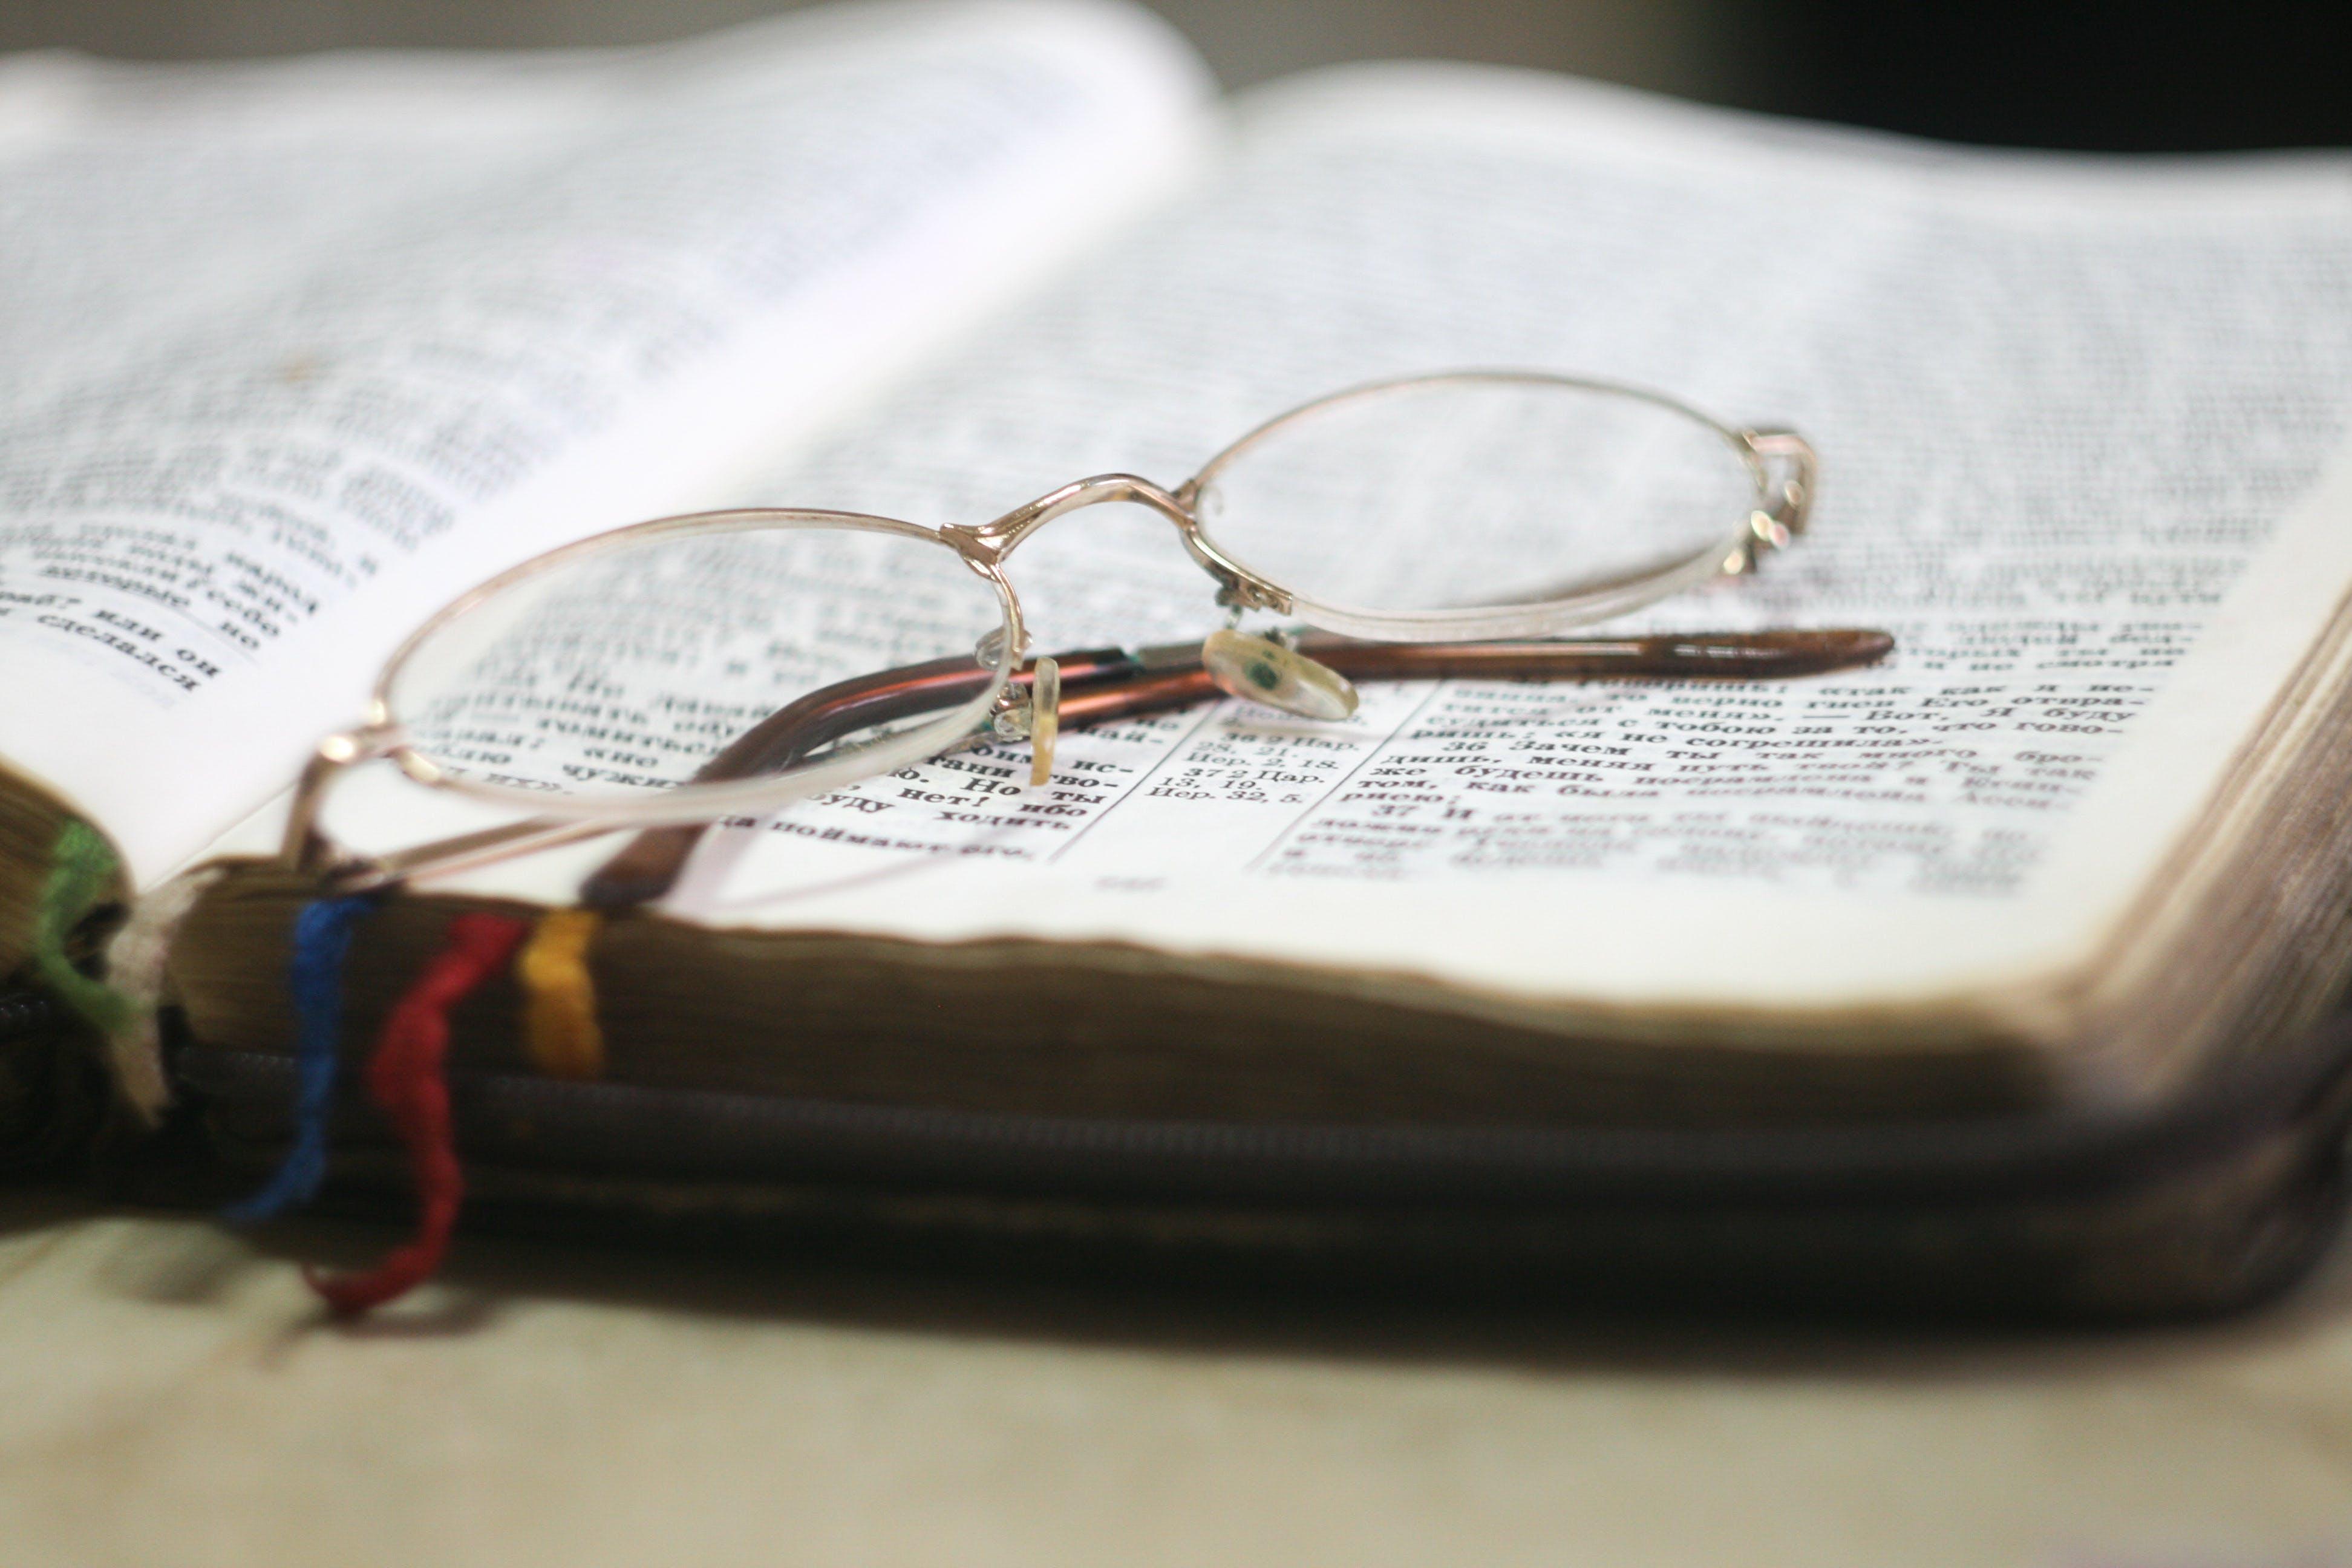 Fotos de stock gratuitas de Biblia, colegio, concentrarse, conocimiento